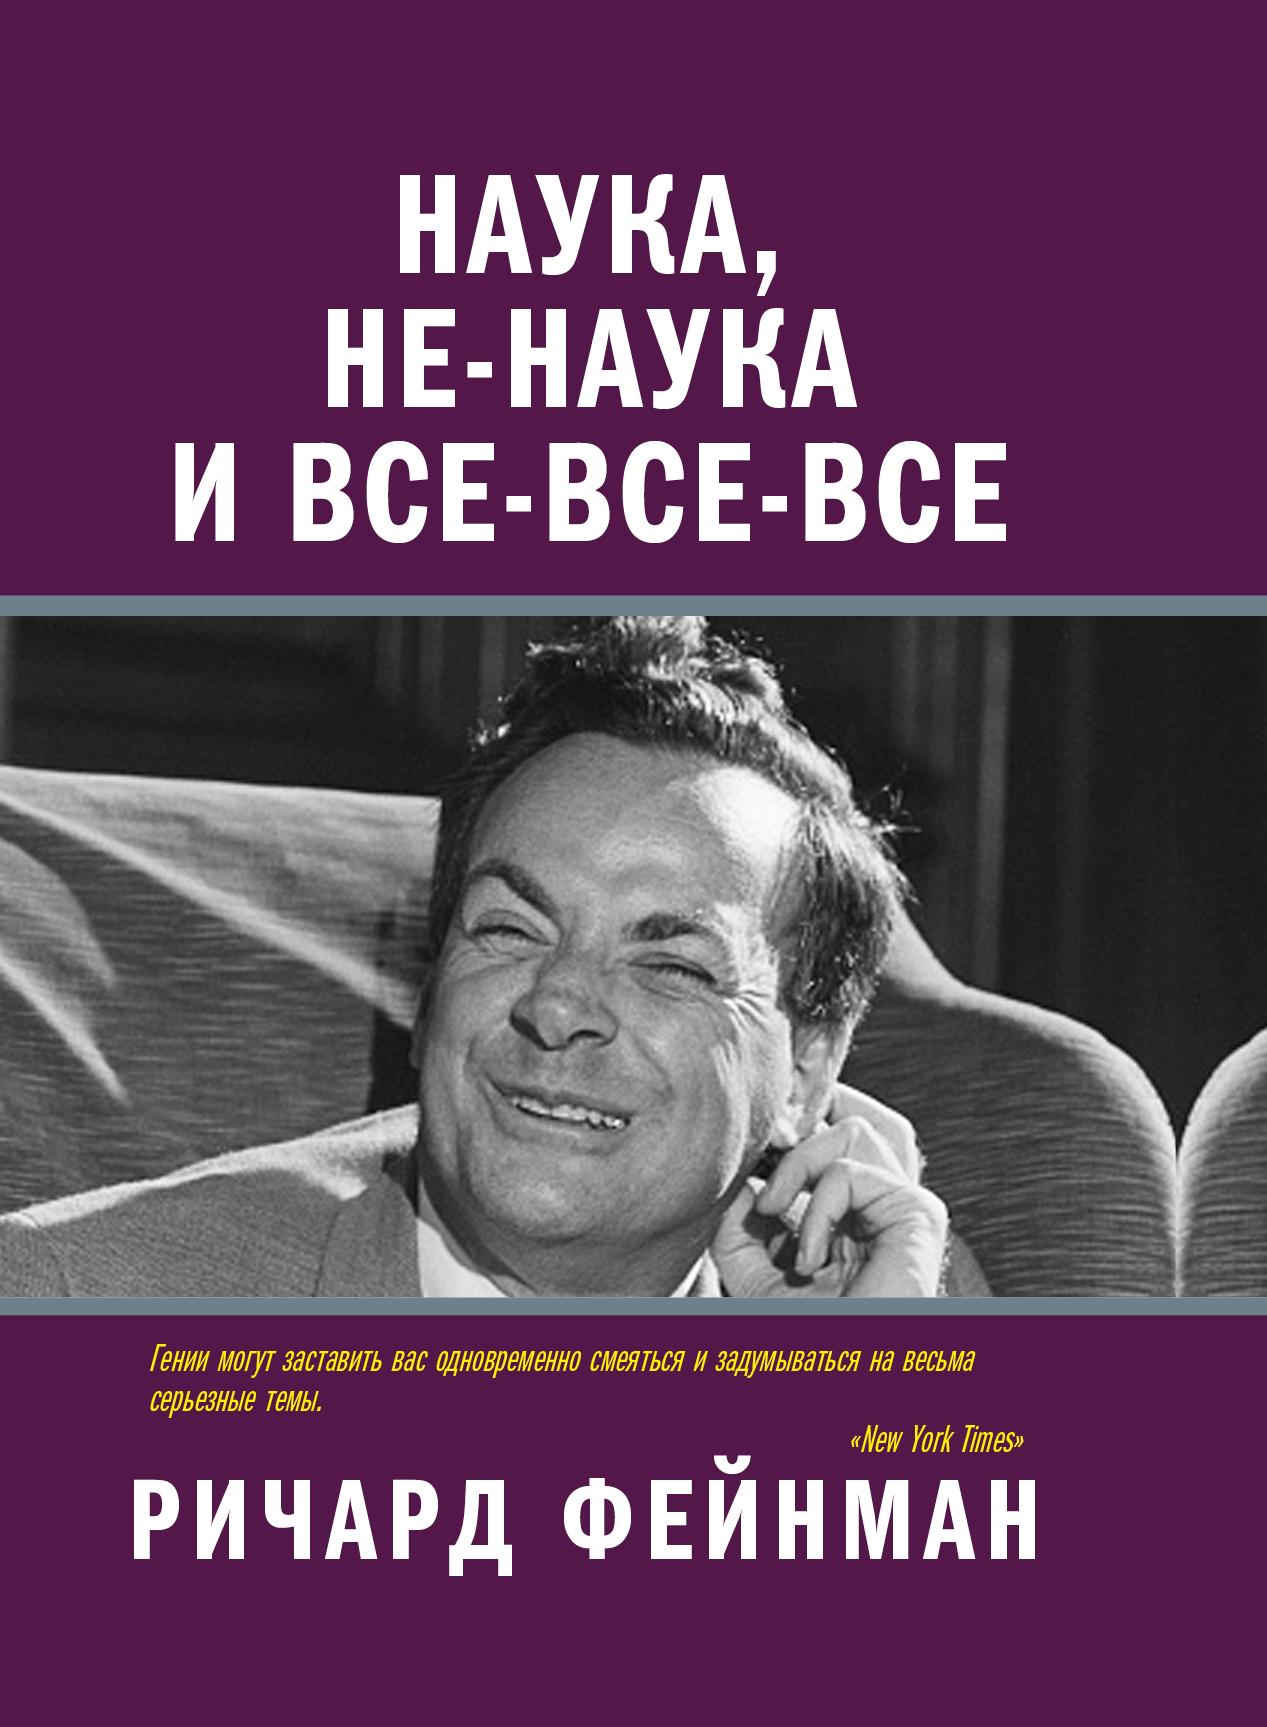 РИЧАРД ФЕЙНМАН КНИГИ СКАЧАТЬ БЕСПЛАТНО